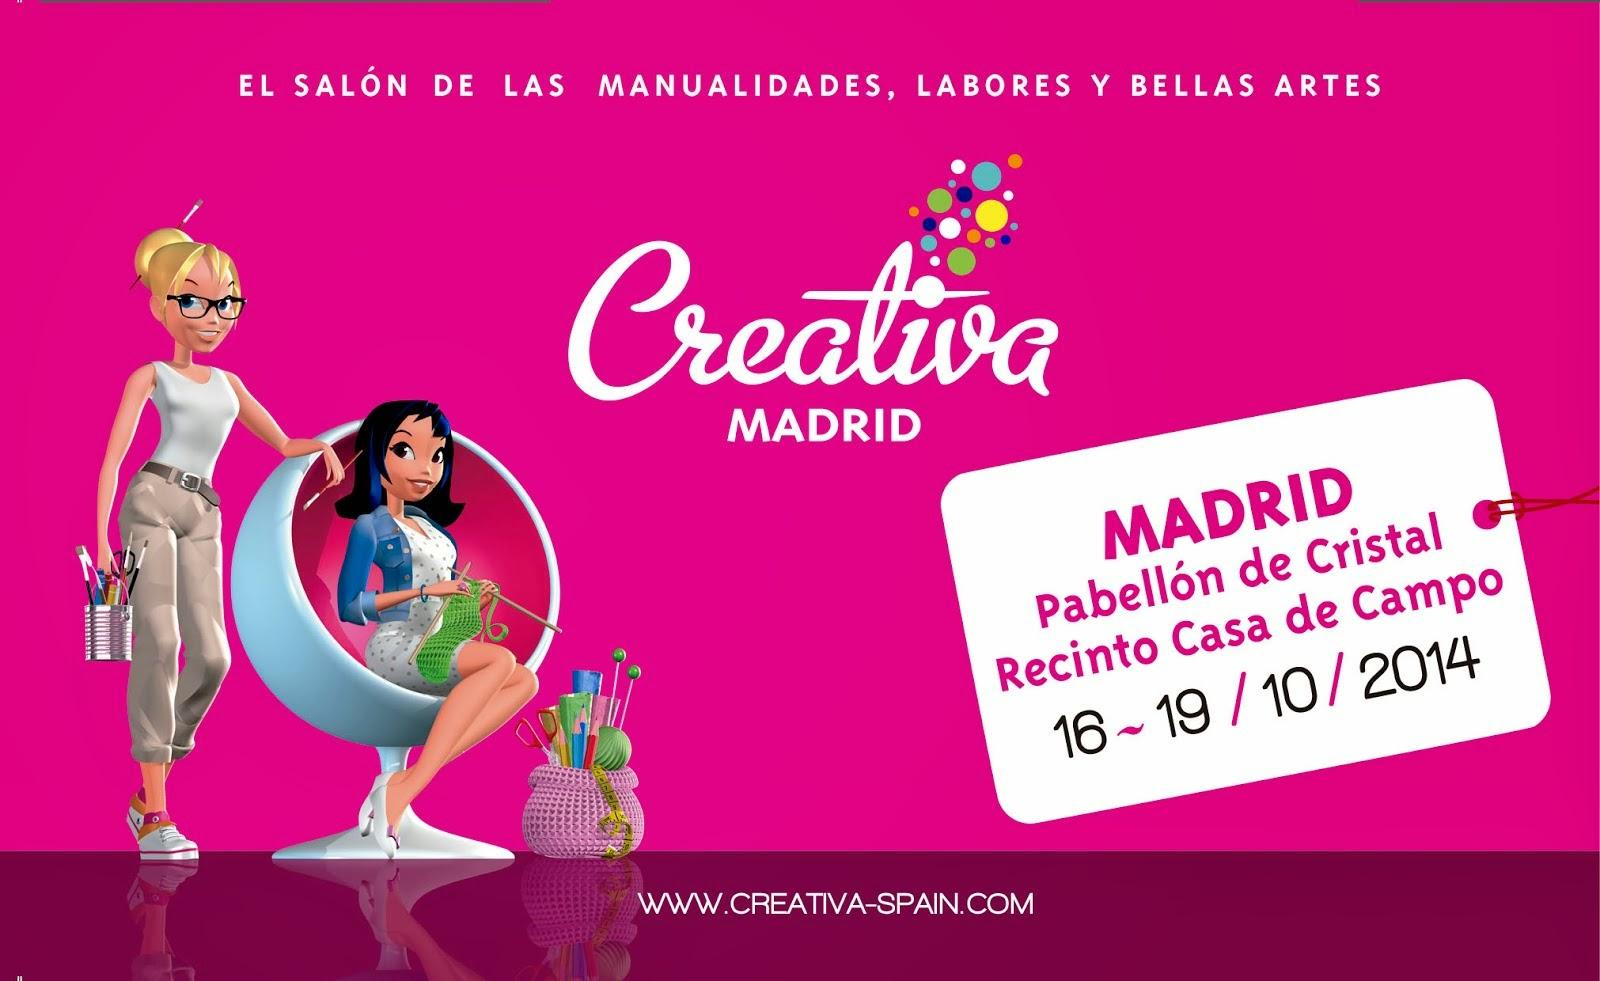 CREATIVA MADRID